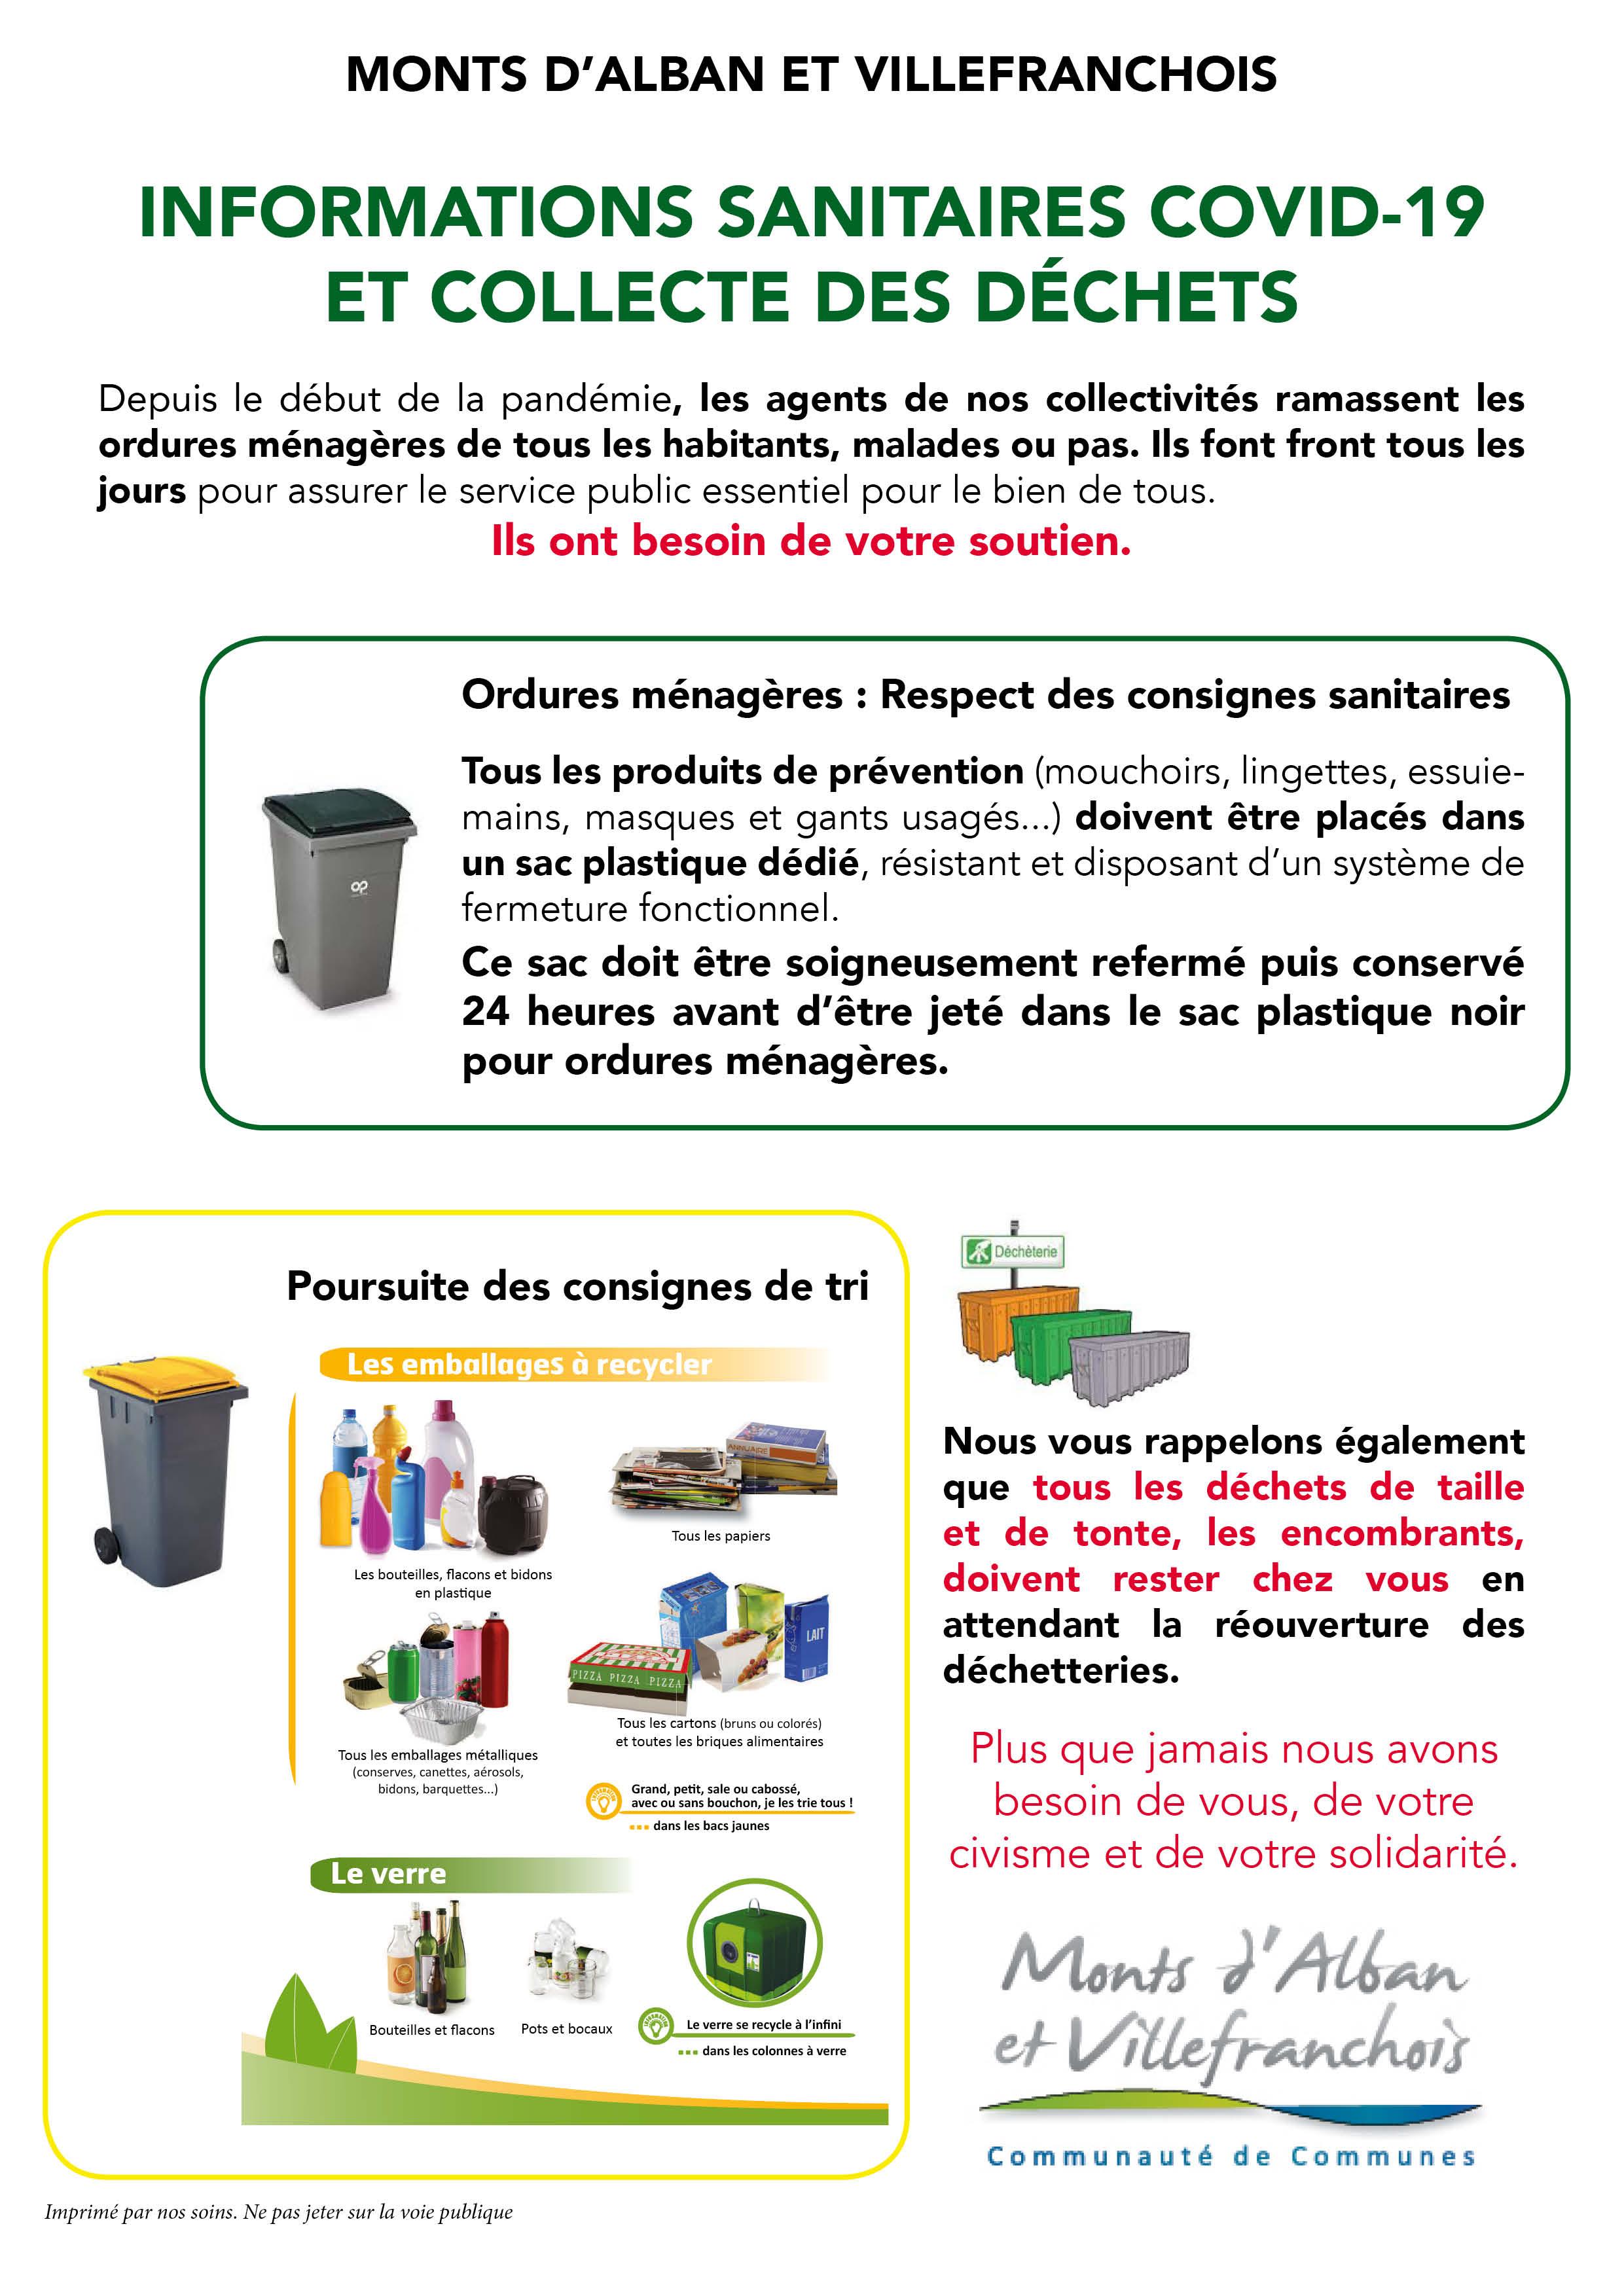 Informations sanitaires Covid-19 et collecte des déchets